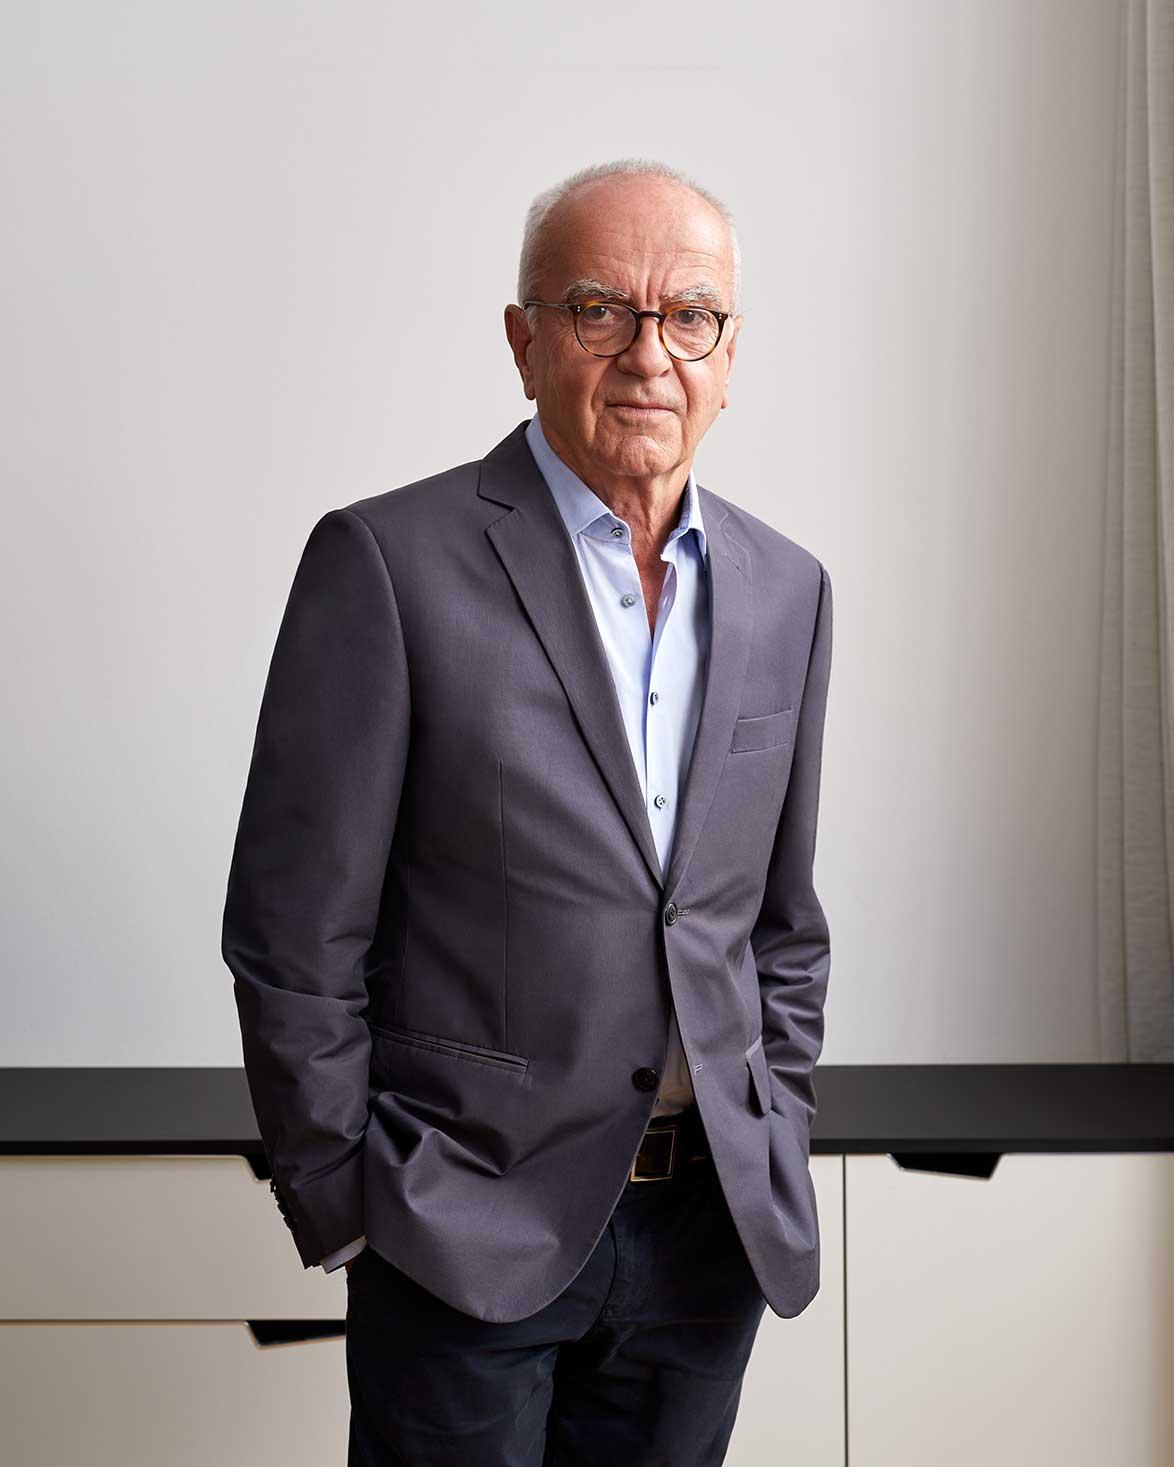 Thomas Schabel - Anwalt für Energierecht und Energie-Vergaberecht, Fachanwalt für Vergaberecht